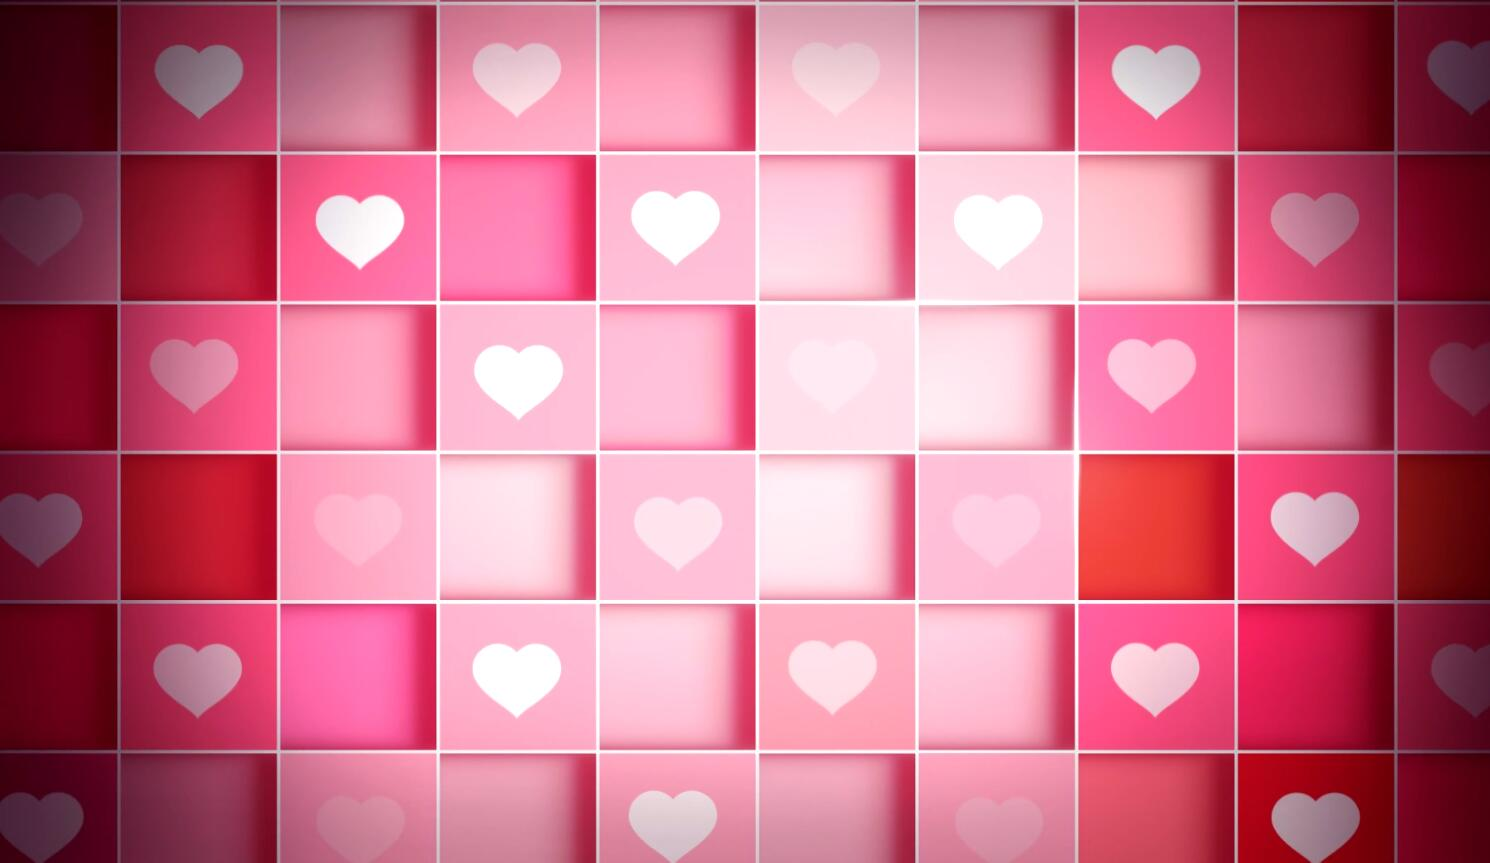 小清新爱心方格转动动态背景视频